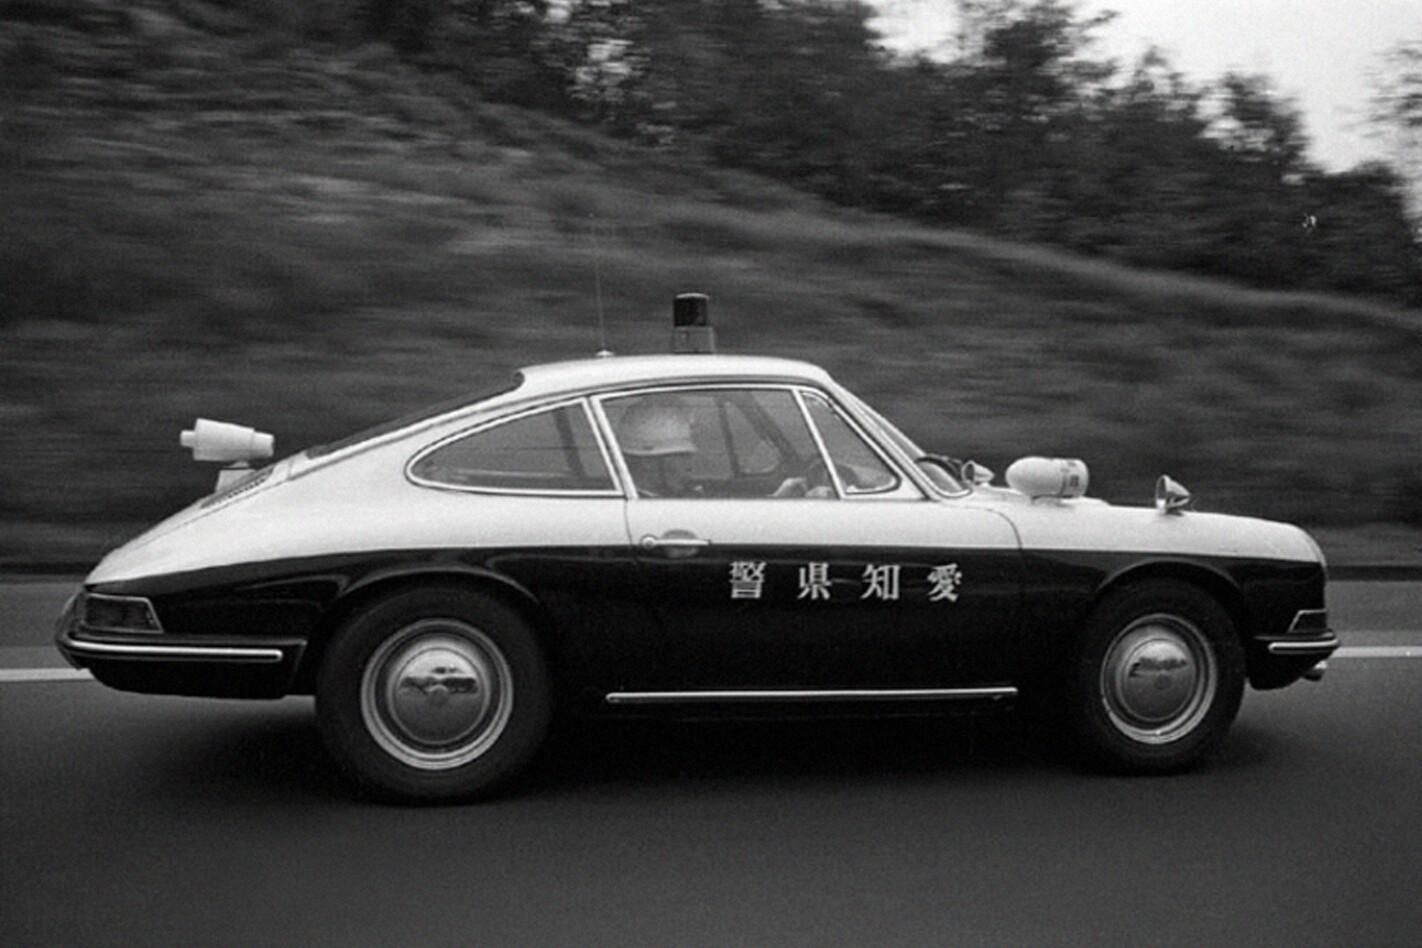 Porsche 912 police